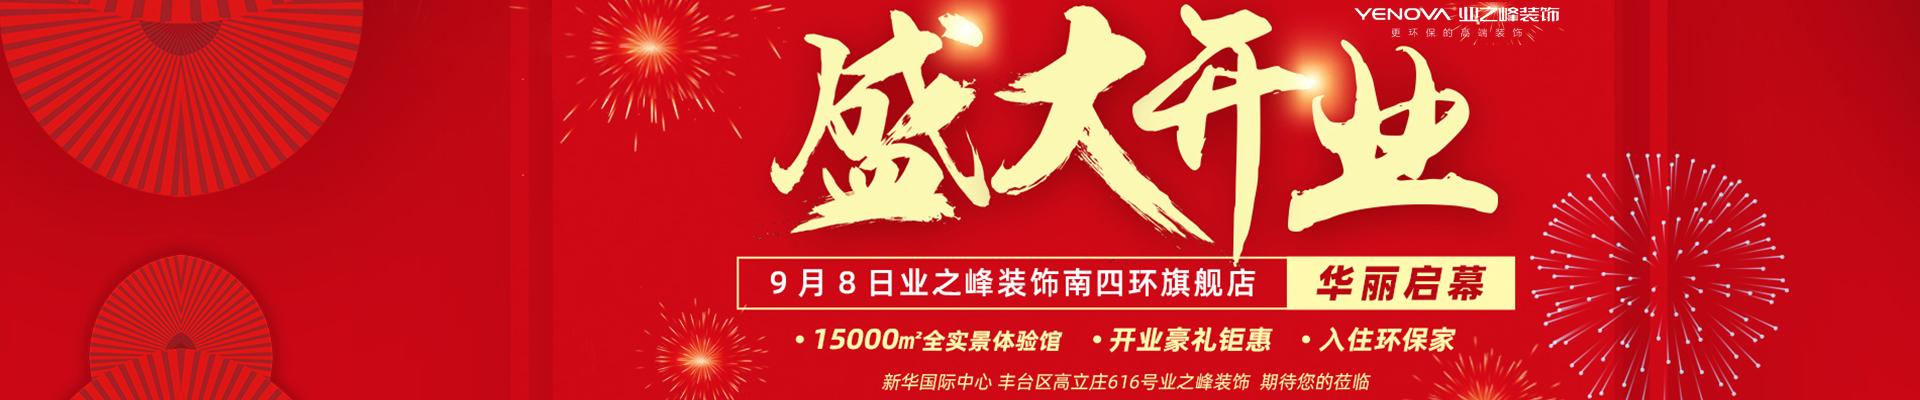 北京业之峰装饰